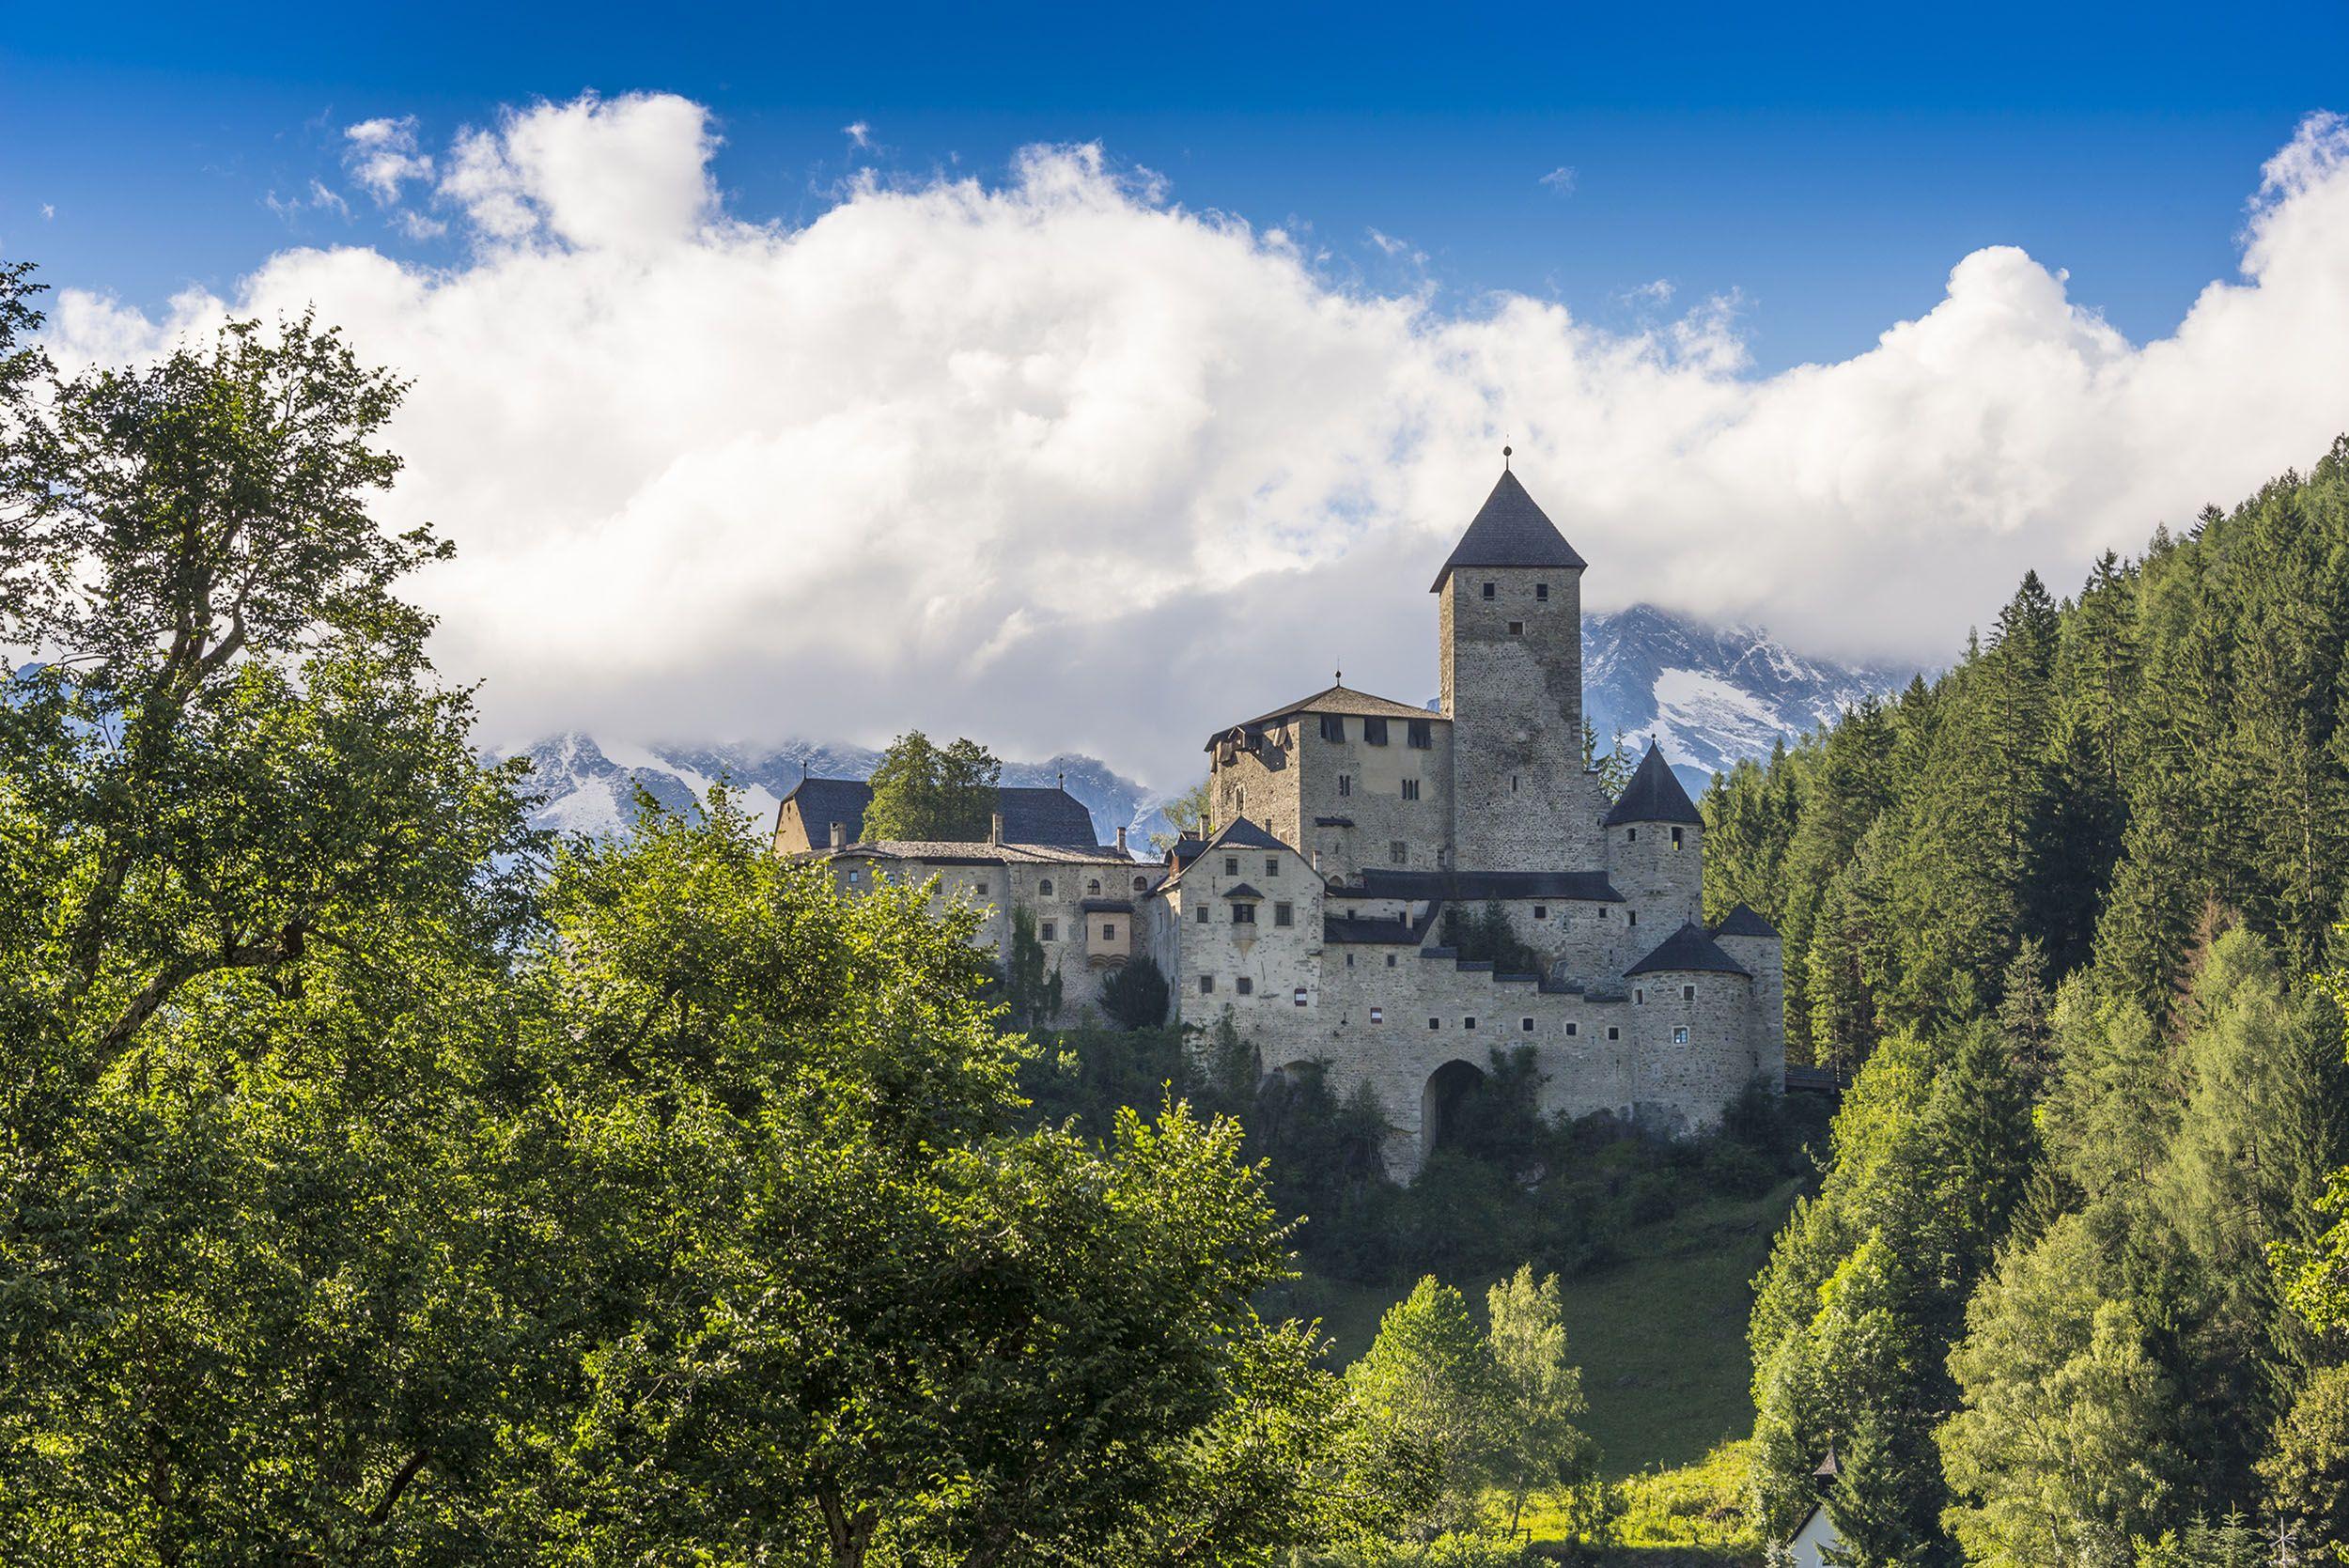 Wanderhotel Drumlerhof, Ausblick auf Burg Taufers